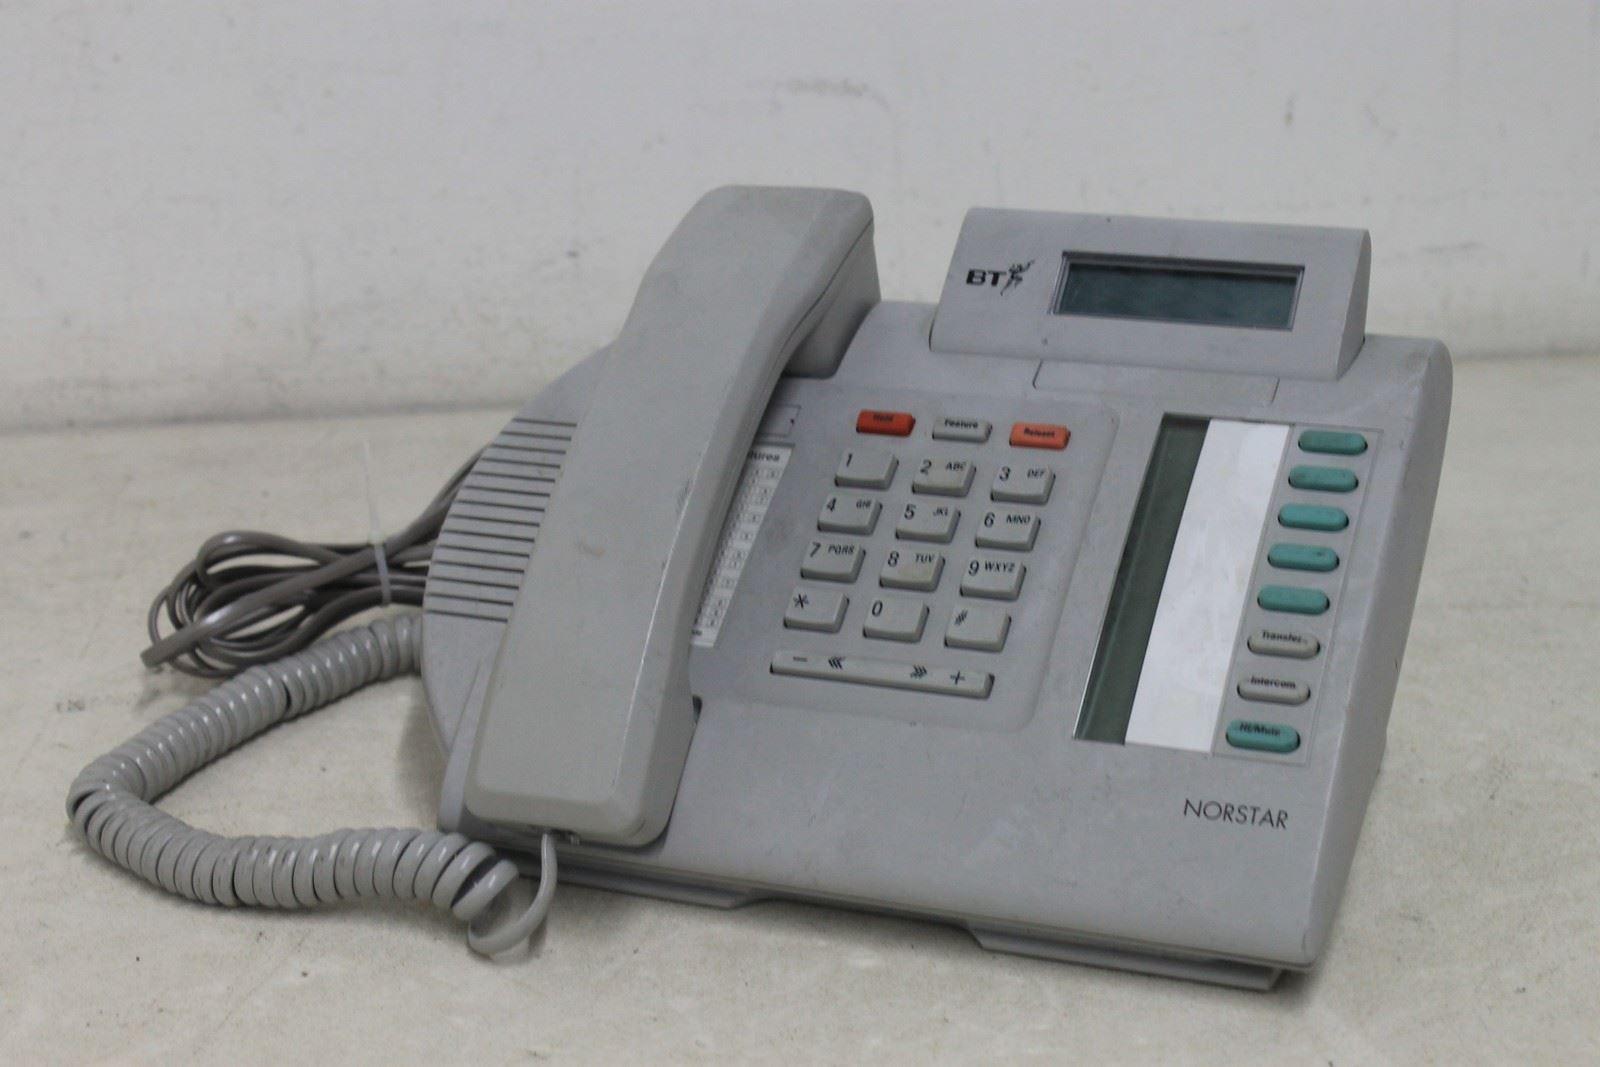 ... Norstar-M7208N-BT-Desktop-LCD-Office-Speakerphone-Multi-Line-Telephone